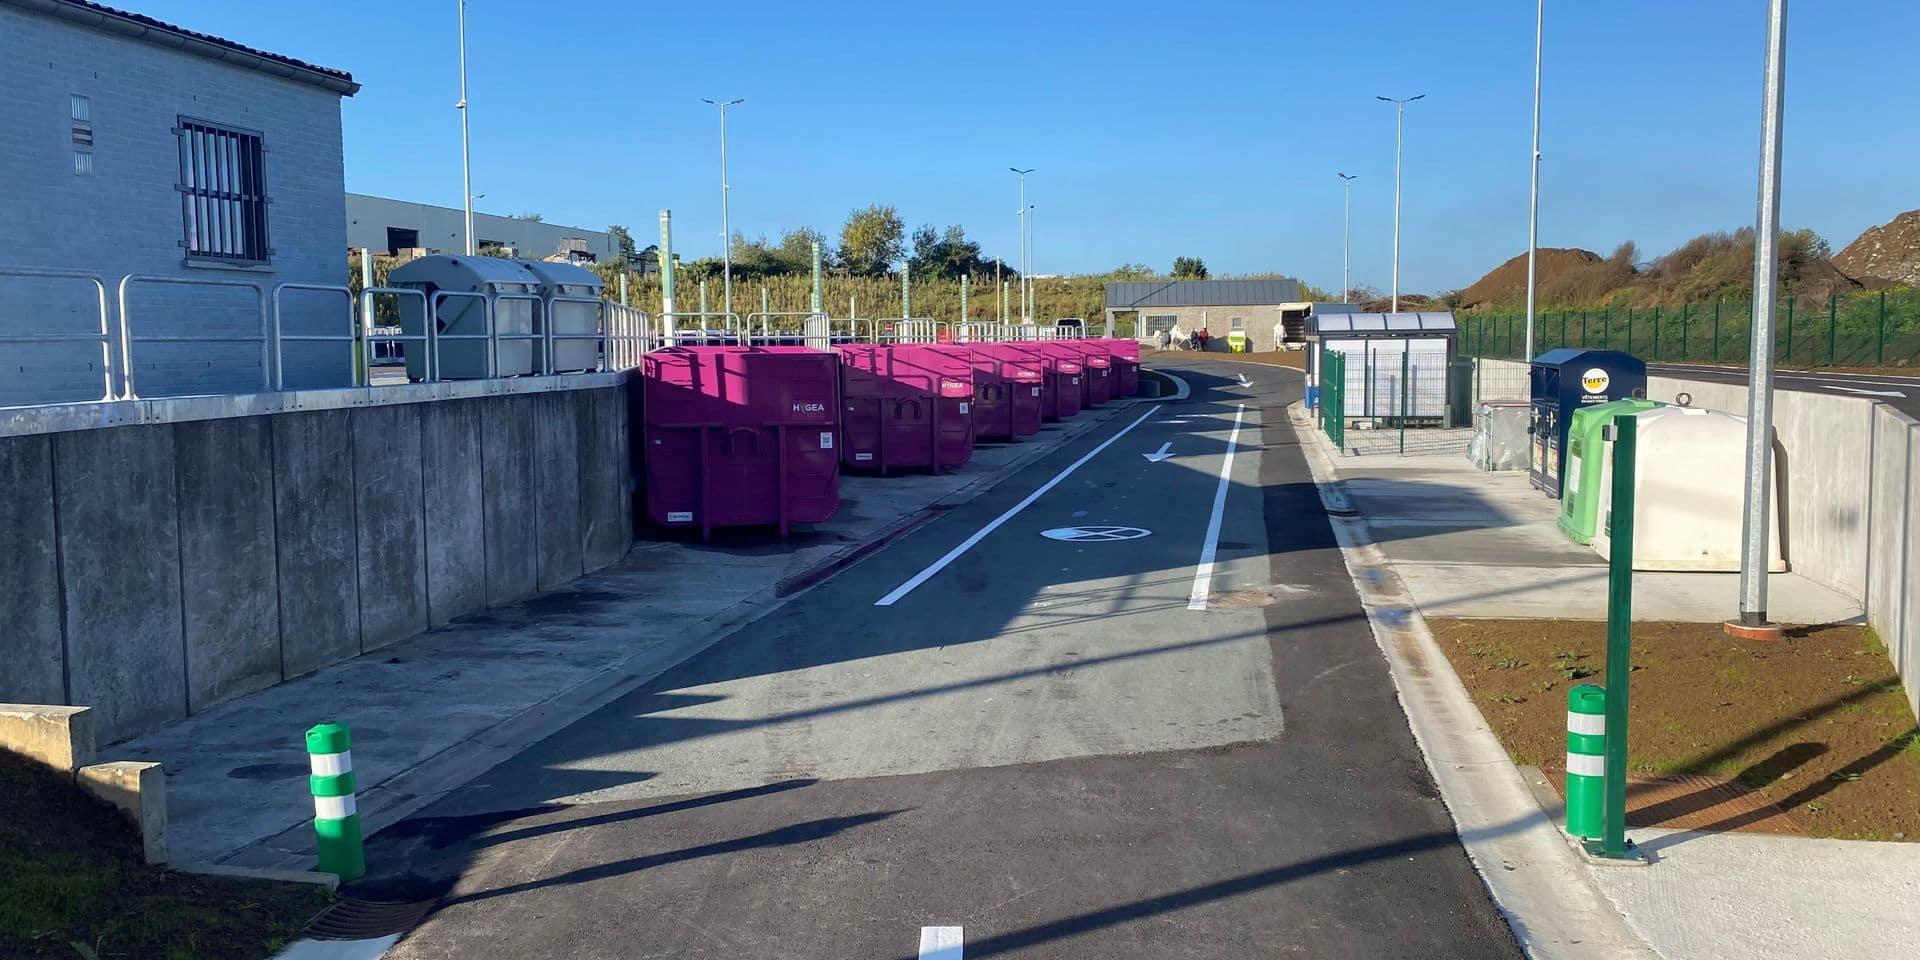 Recyparc rénové à Soignies: de nouveaux déchets y sont acceptés